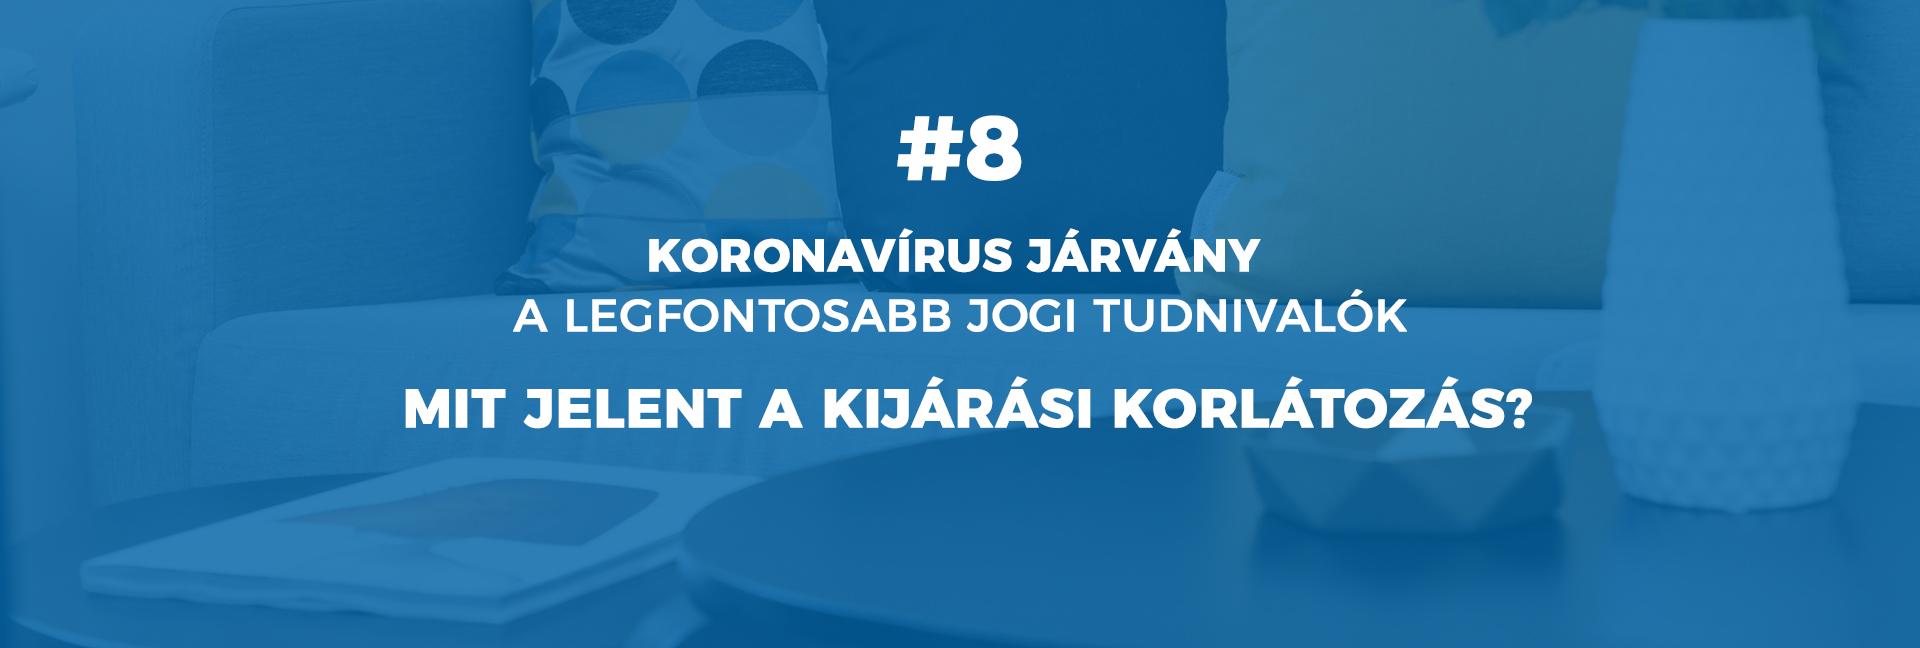 #8 Koronavírus járvány – Mit jelent a kijárási korlátozás?